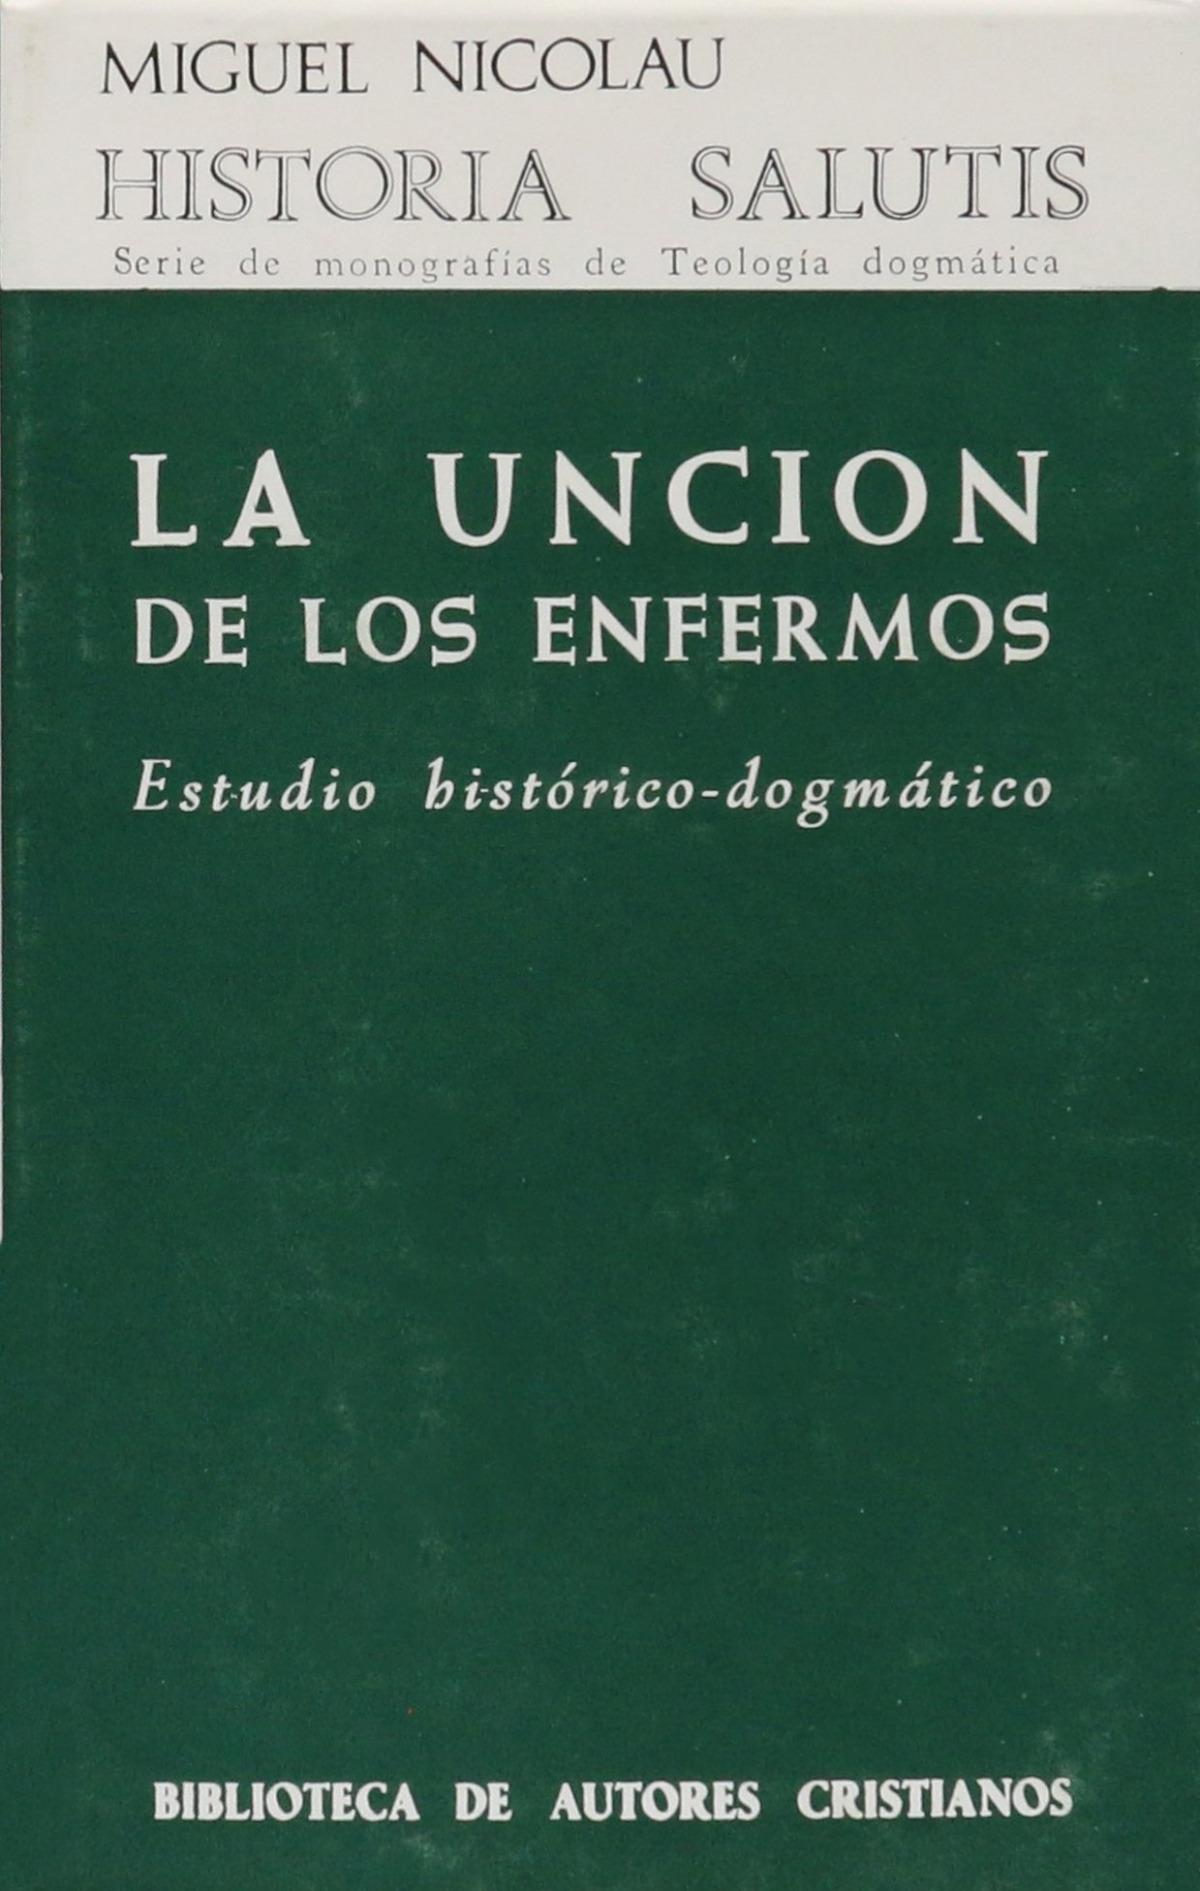 La unción de los enfermos.Estudio histórico-dogmático - Nicoláu, Miguel